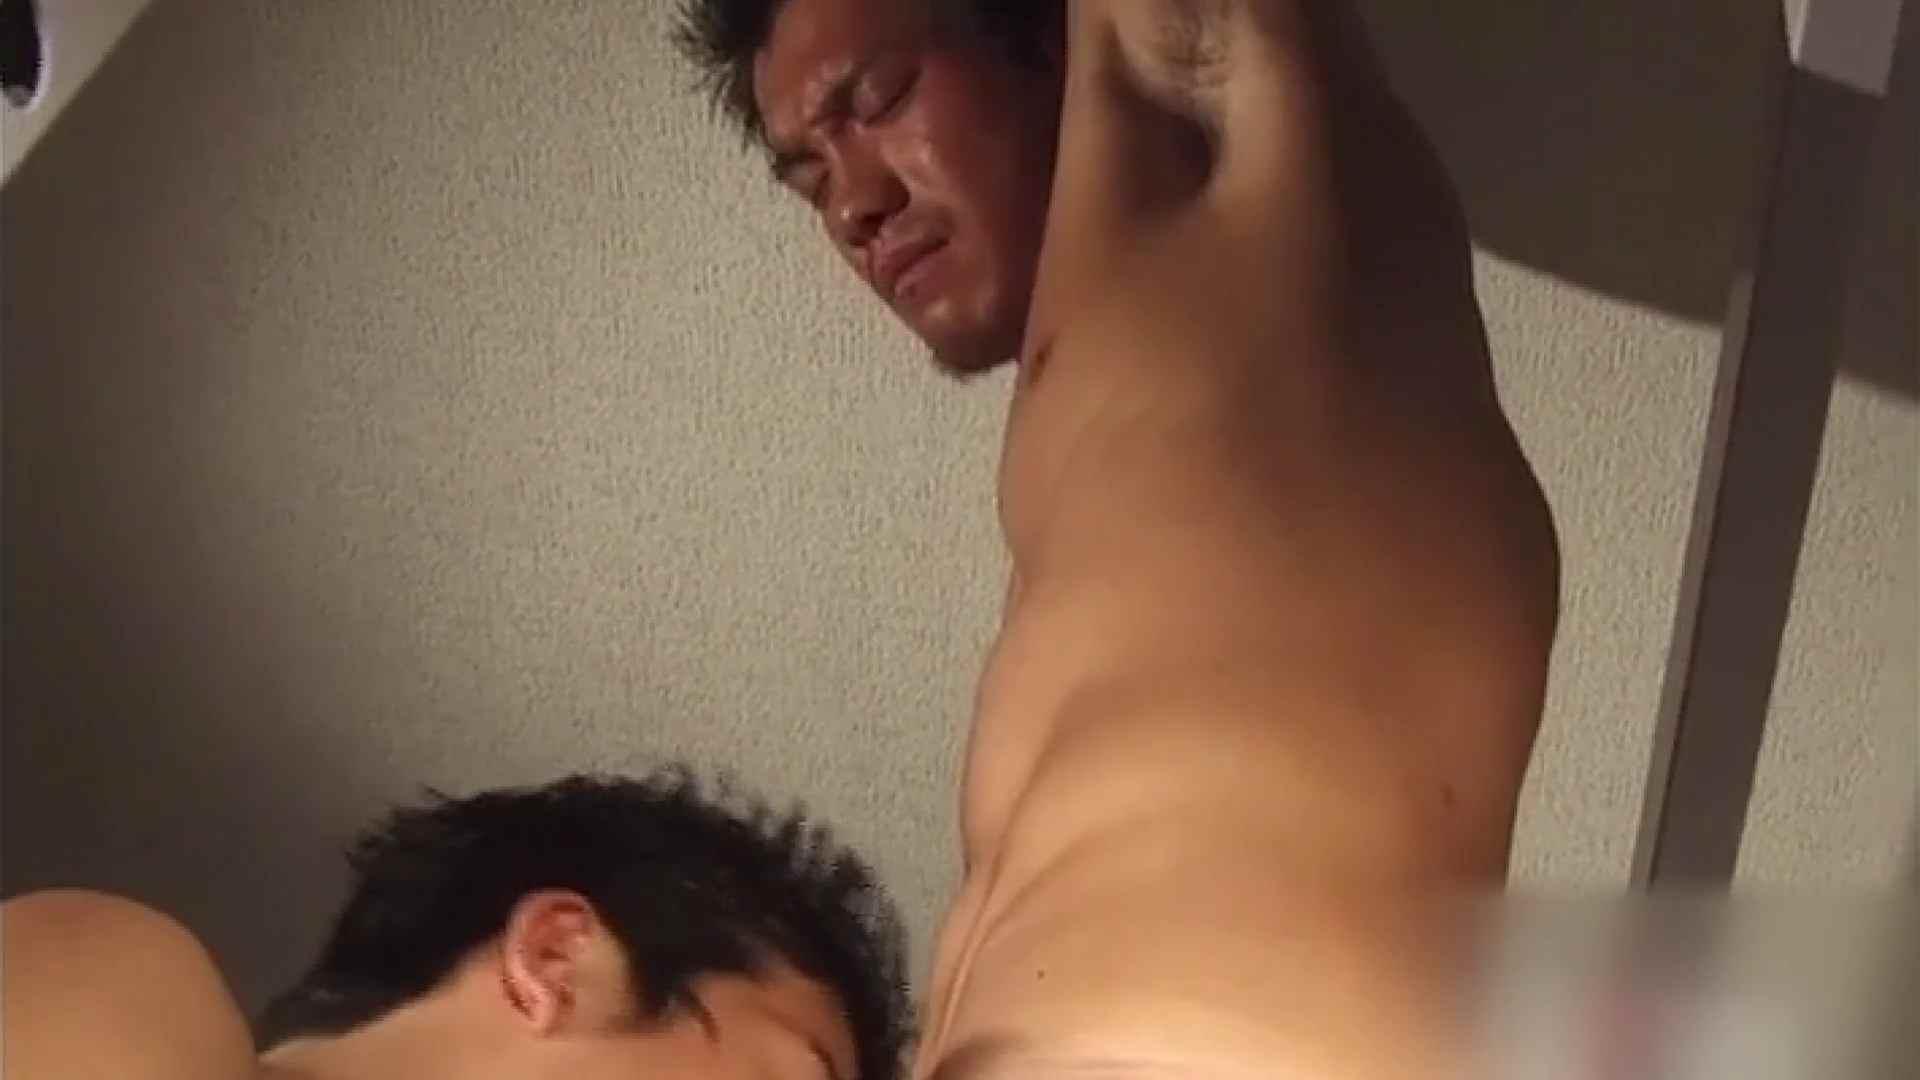 珍肉も筋肉の内!!vol.3 キン肉 ゲイ無料エロ画像 104枚 63